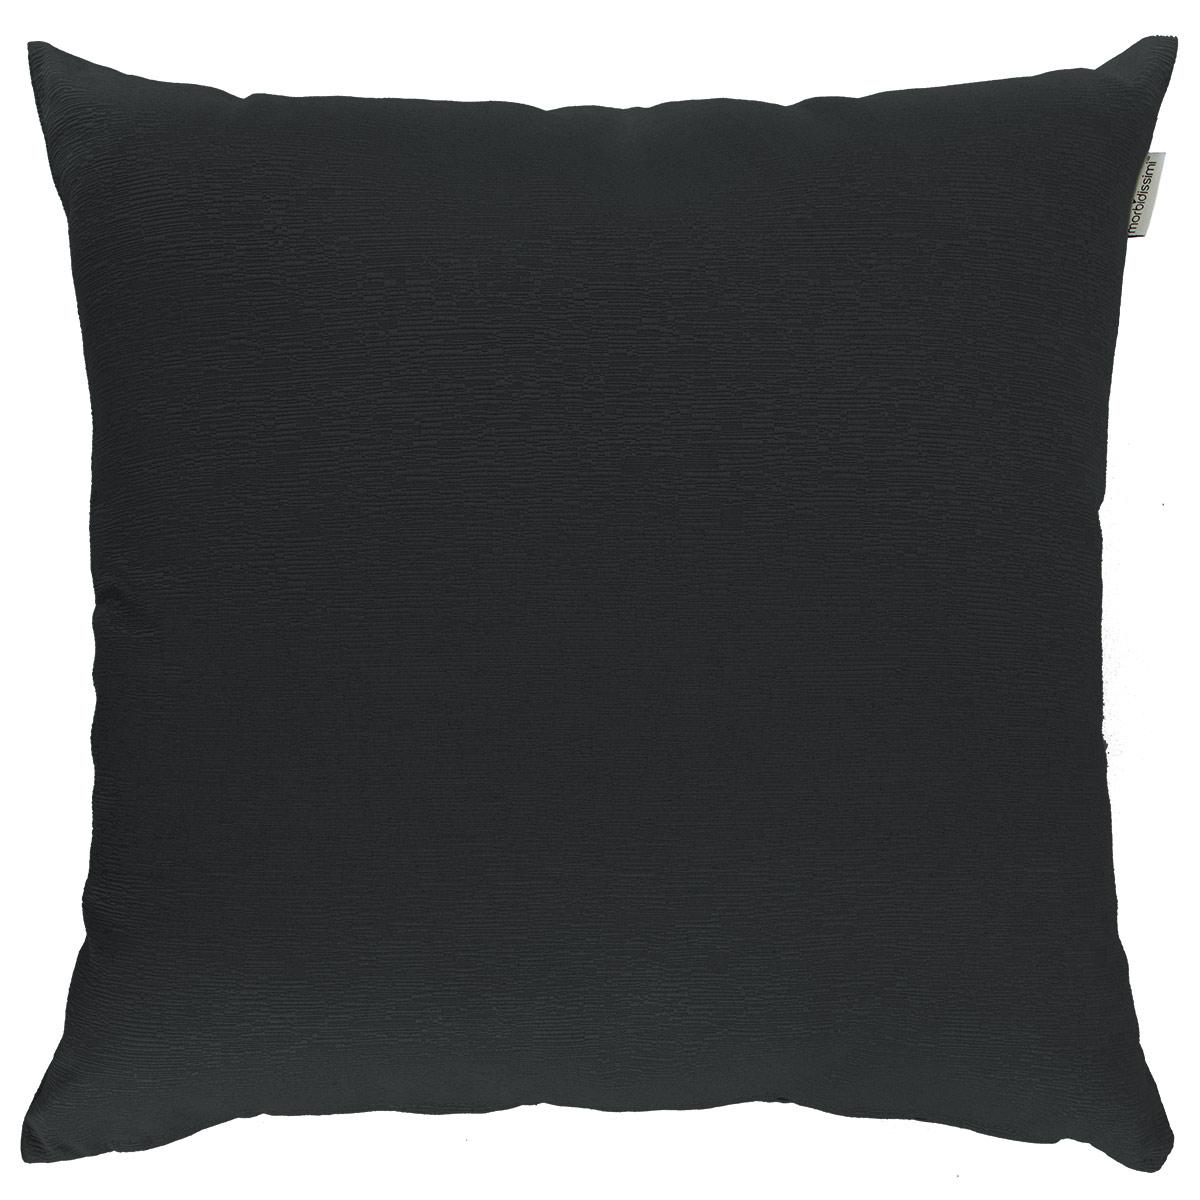 cuscini d'arredo ottoman